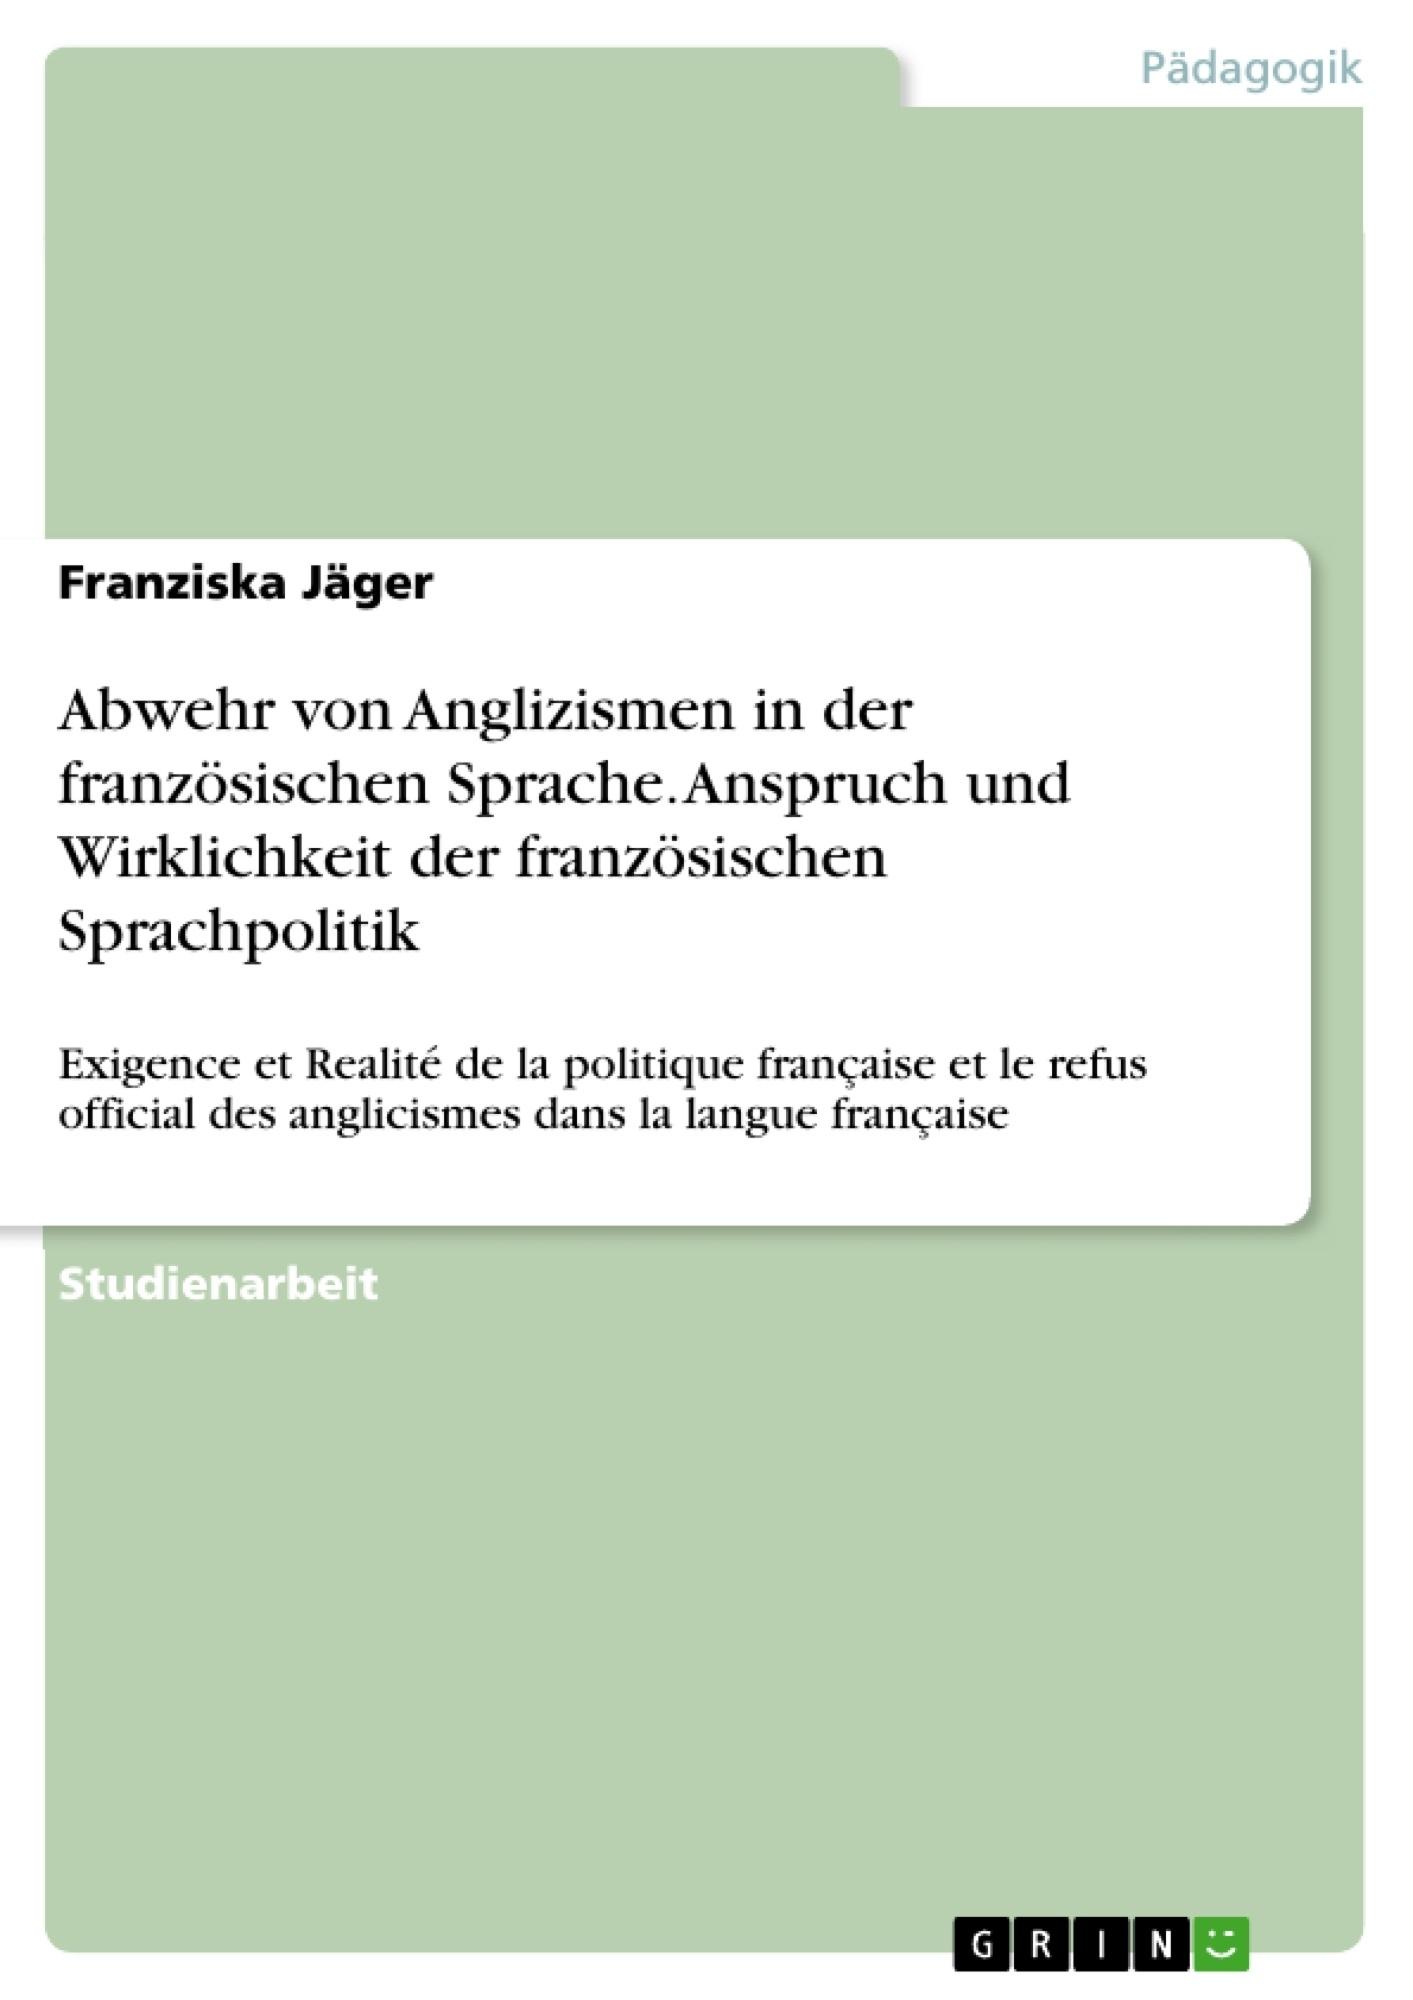 Titel: Abwehr von Anglizismen in der französischen Sprache. Anspruch und Wirklichkeit der französischen Sprachpolitik